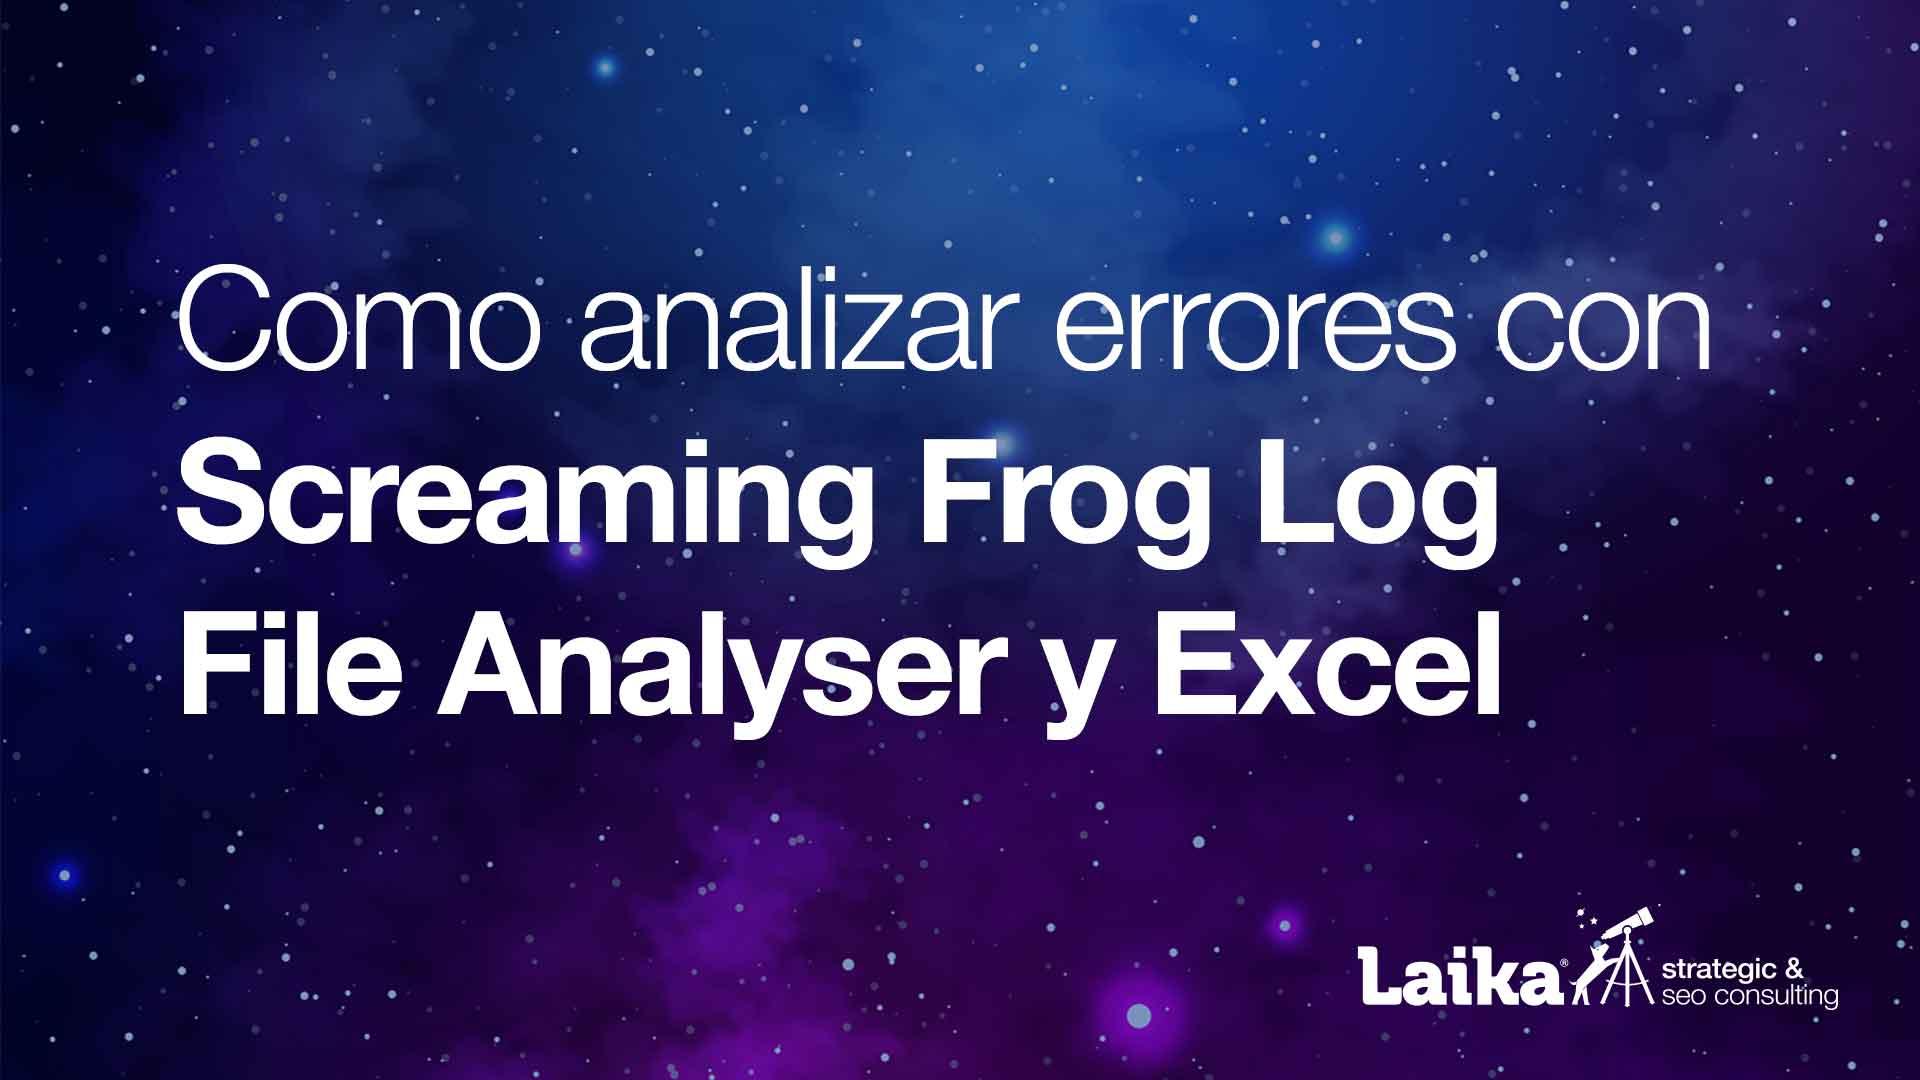 Como analizar errores con Screaming Frog Log File Analyser y Excel